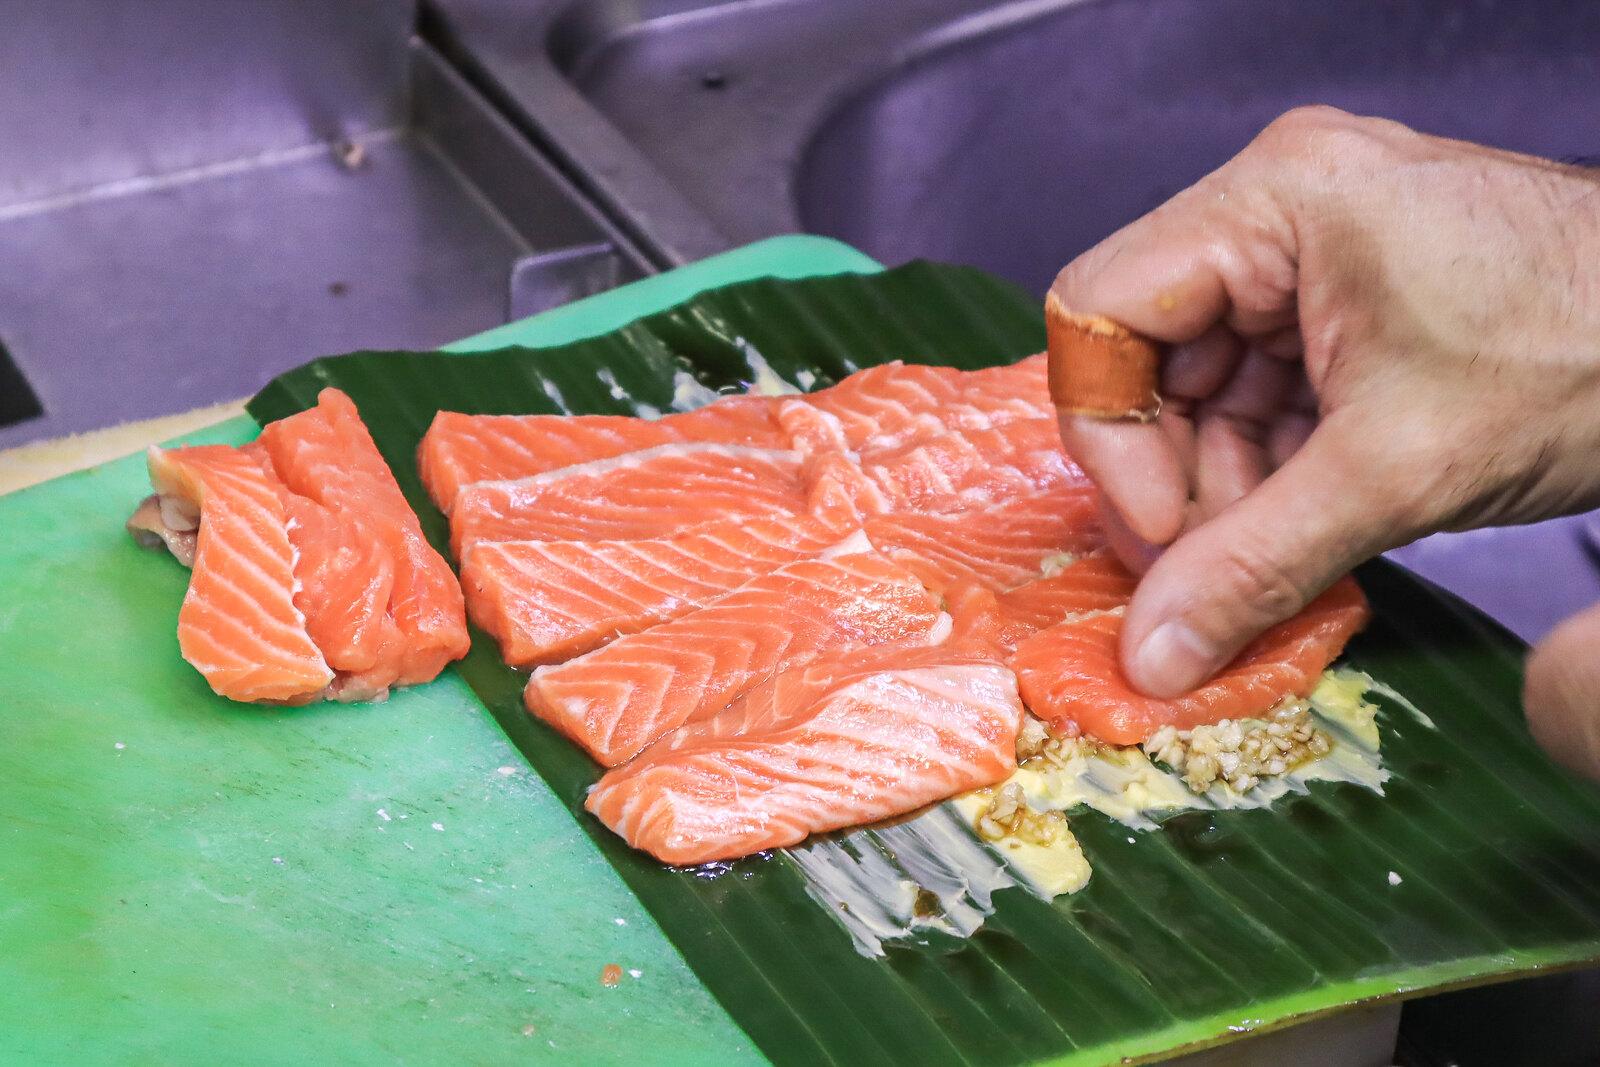 placing salmon on leaf 2